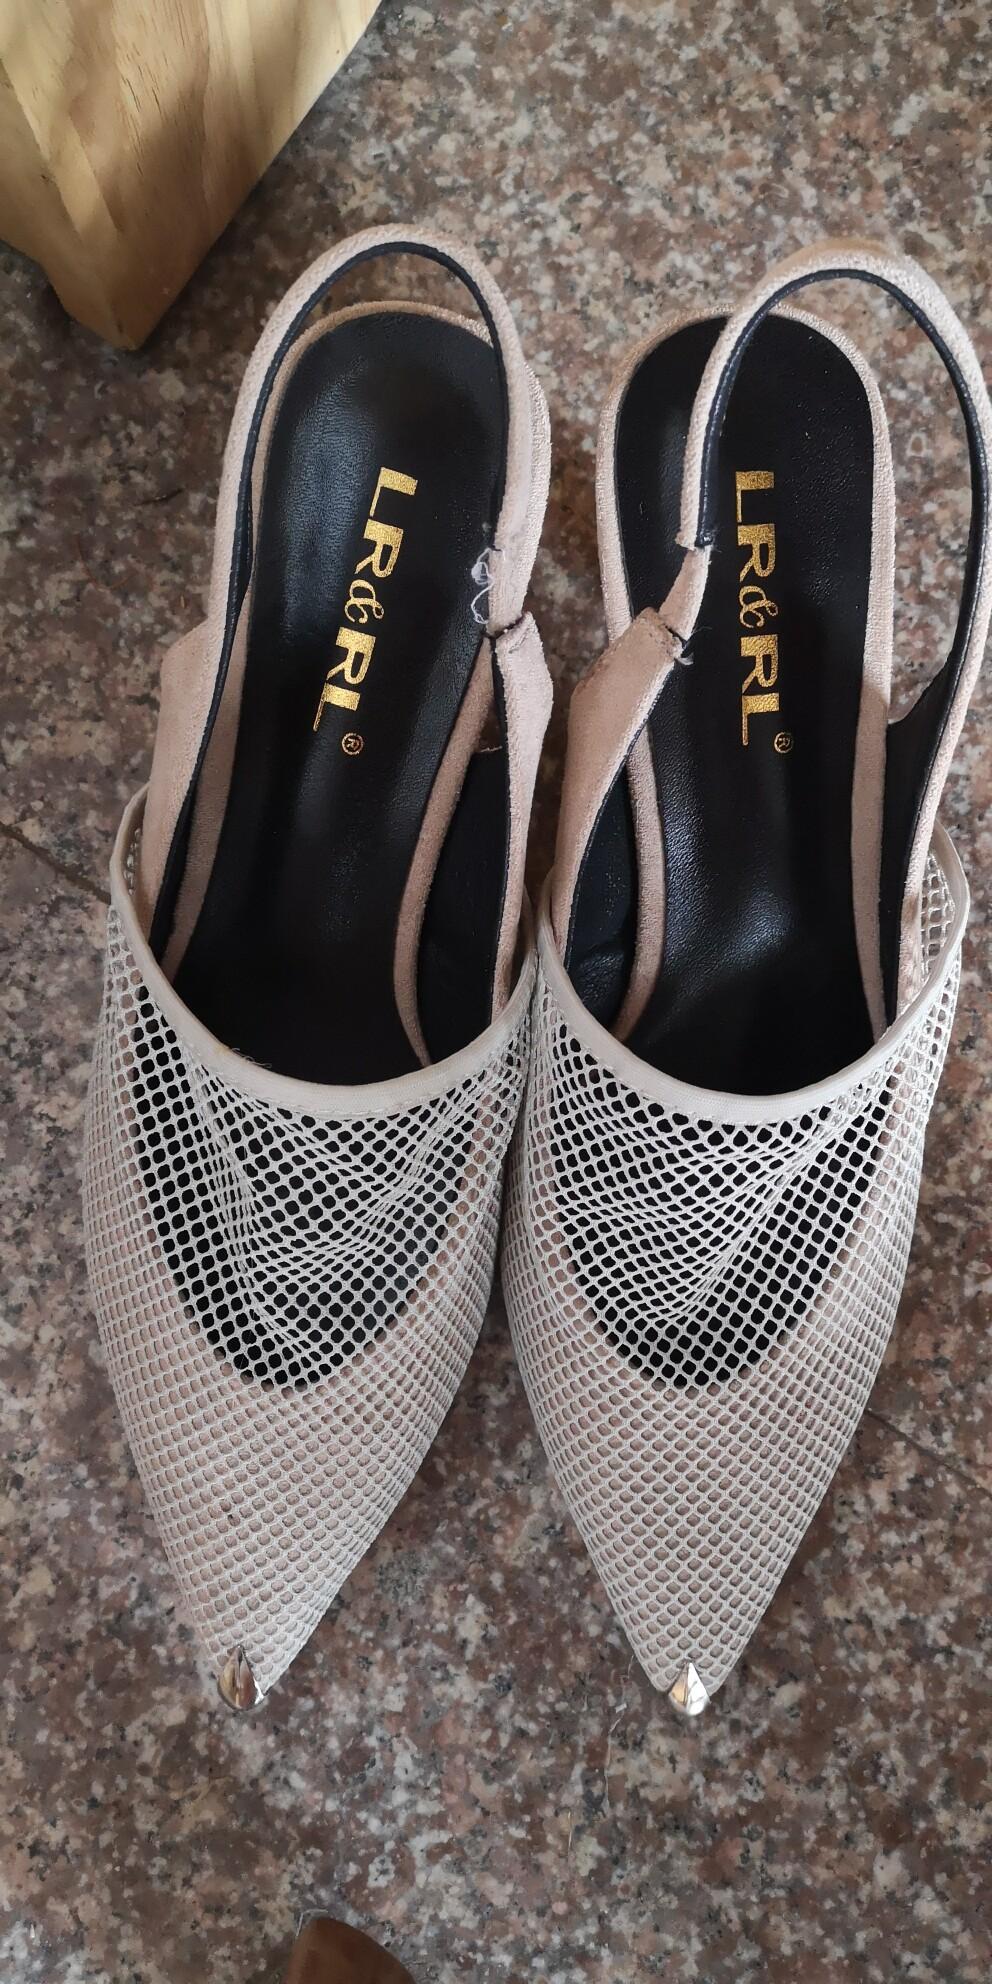 全新LR&RL金属尖头细跟女凉鞋,百搭透气网面,商场购入,清